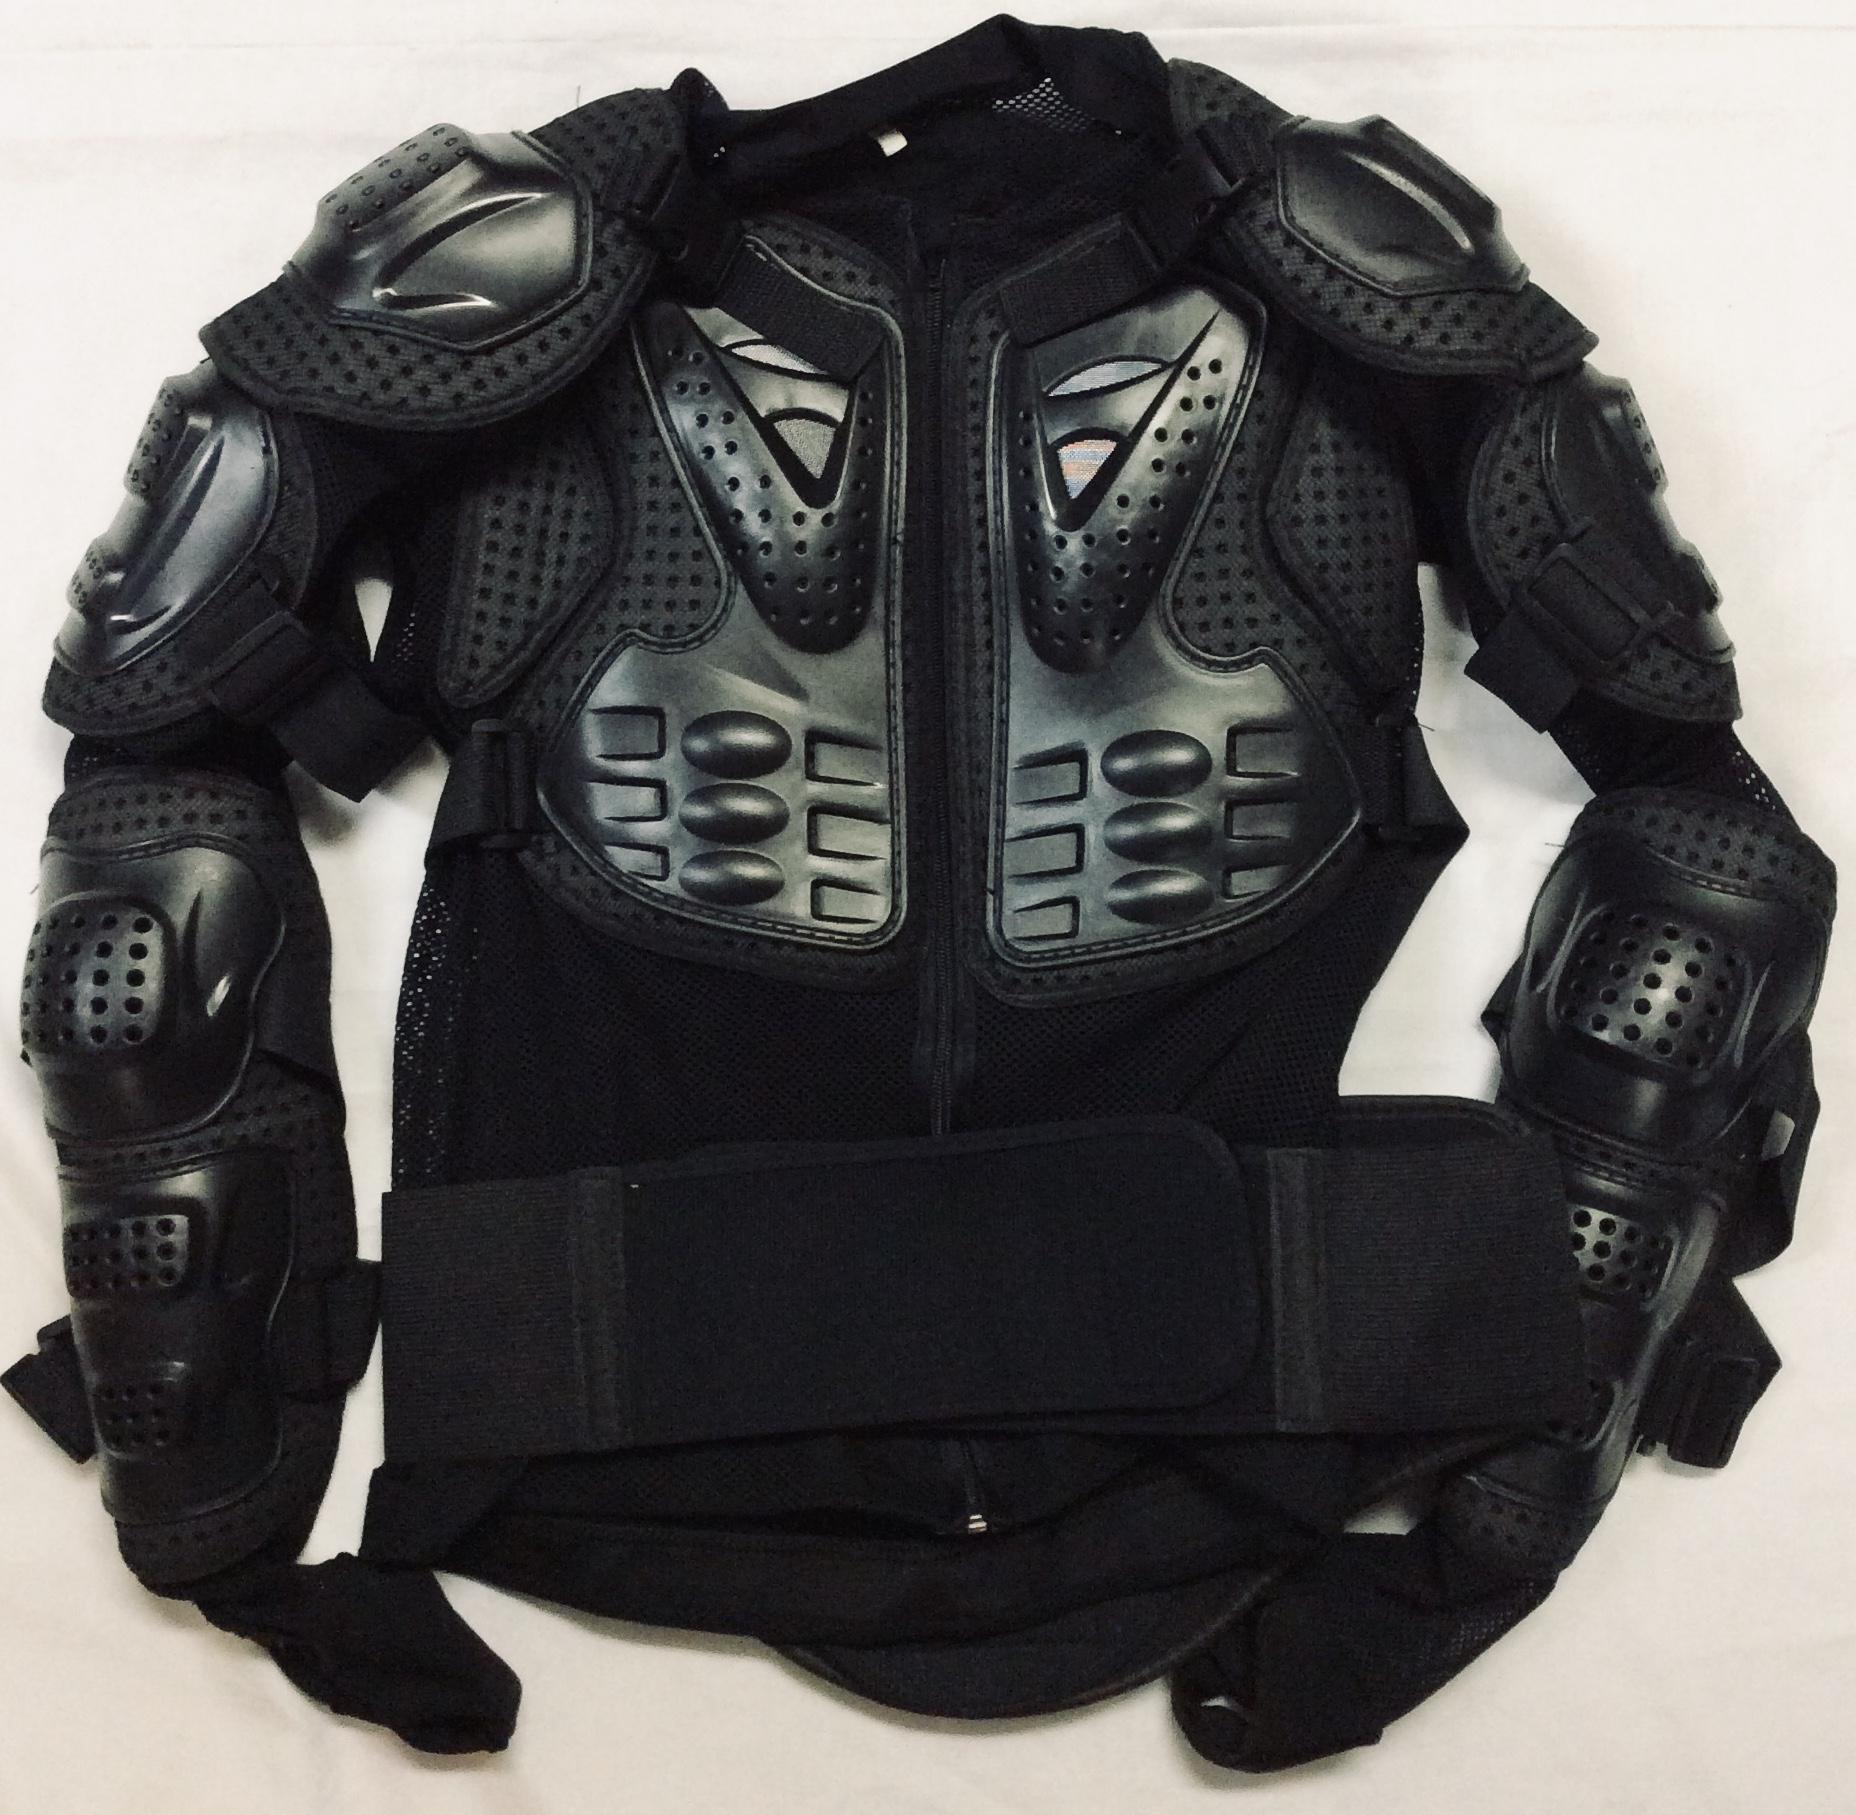 Black Body Armour; mesh suit